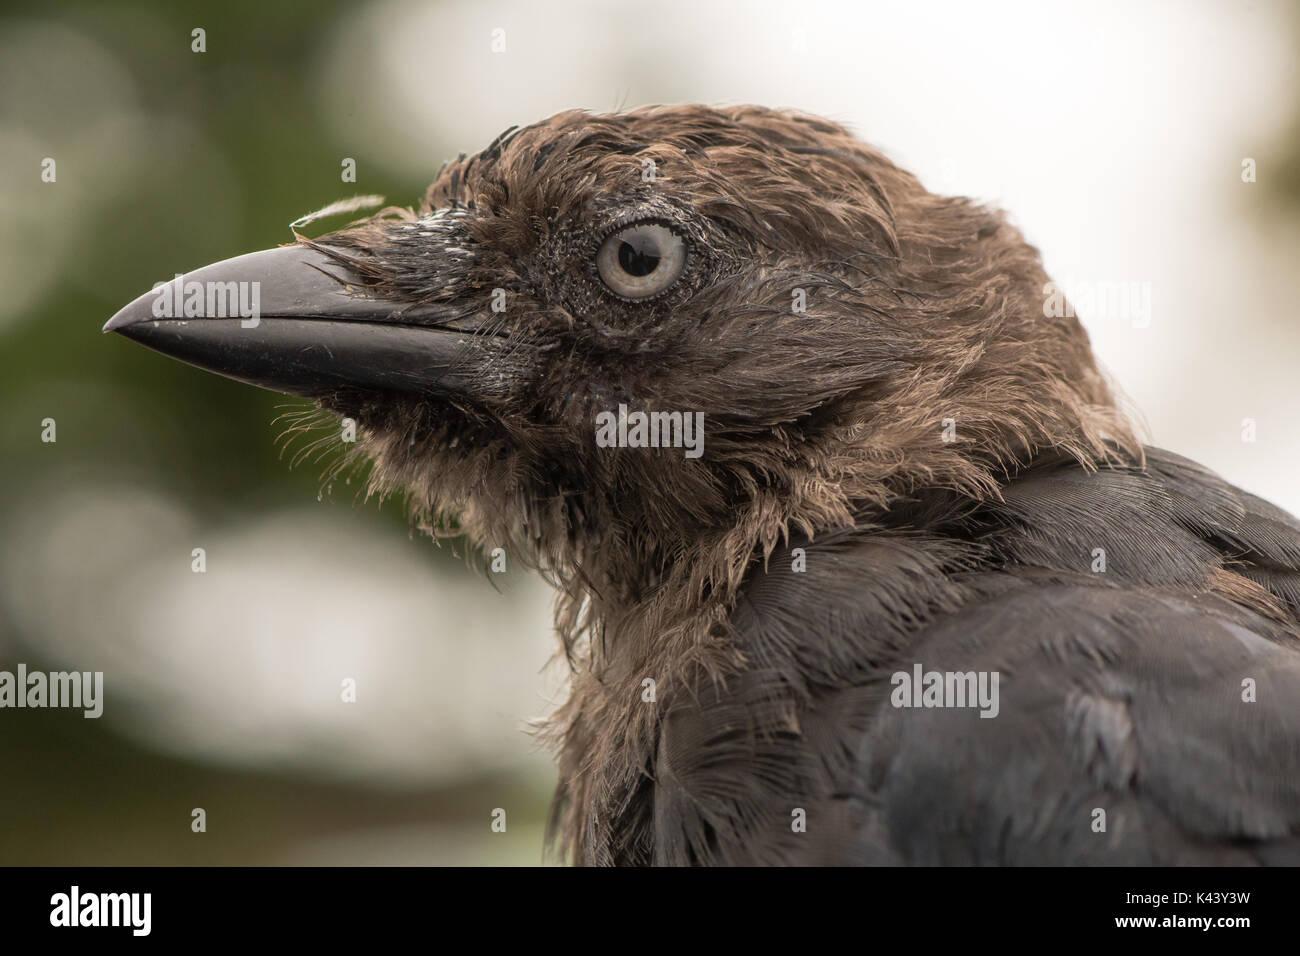 Dohle (Corvus monedula) schließen, bis der Kopf im Profil. Juvenile Vogel in die Krähe Familie (corvidae) Gammelig vor dem Gefieder reift voll Stockbild